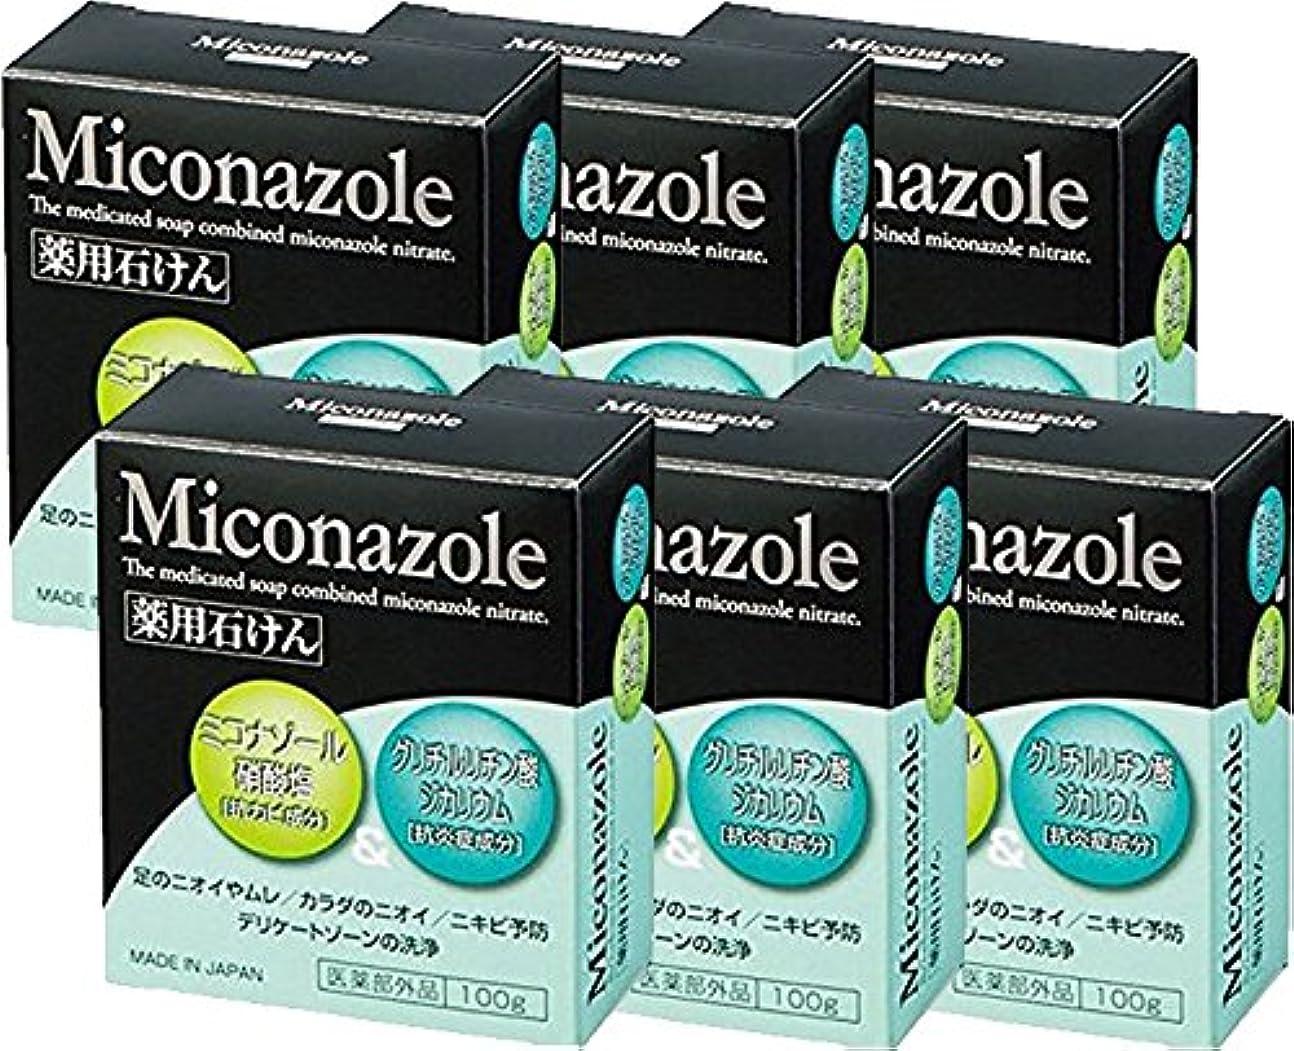 パキスタン予測蚊ミコナゾール 薬用せっけん 100g 《医薬部外品》 (6個)